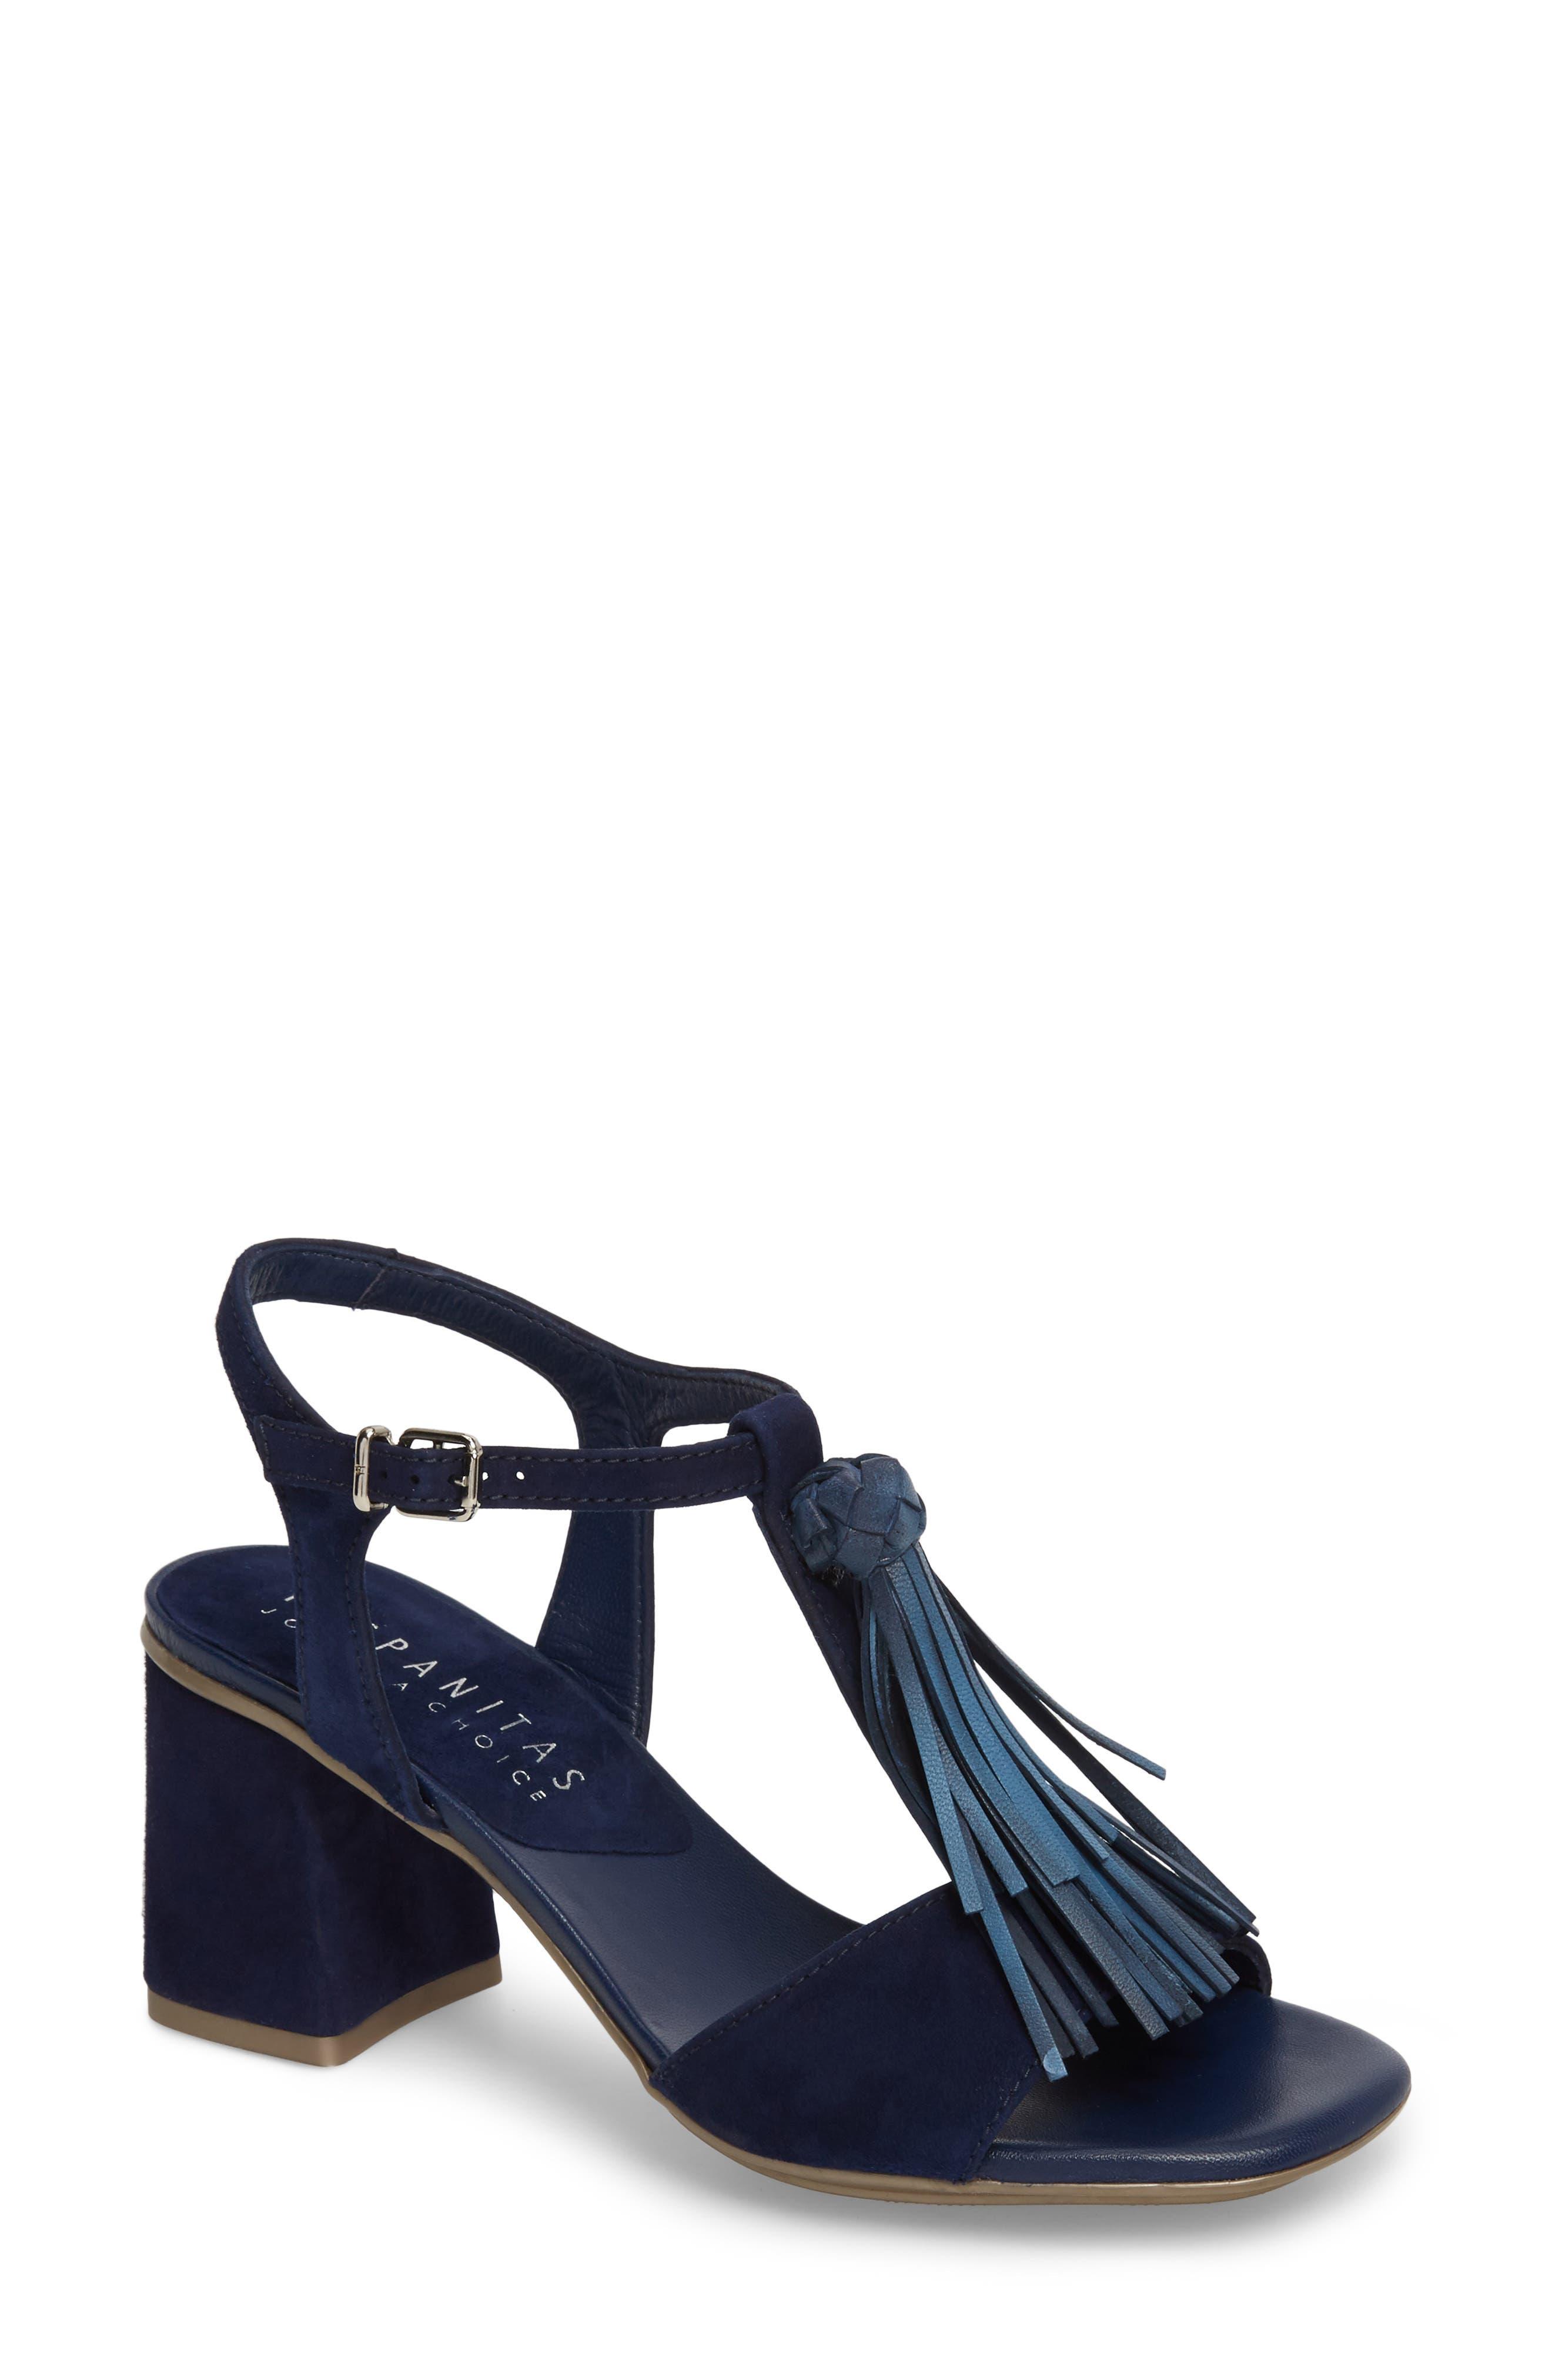 Schulyer T-Strap Sandal,                             Main thumbnail 1, color,                             Jeans Leather